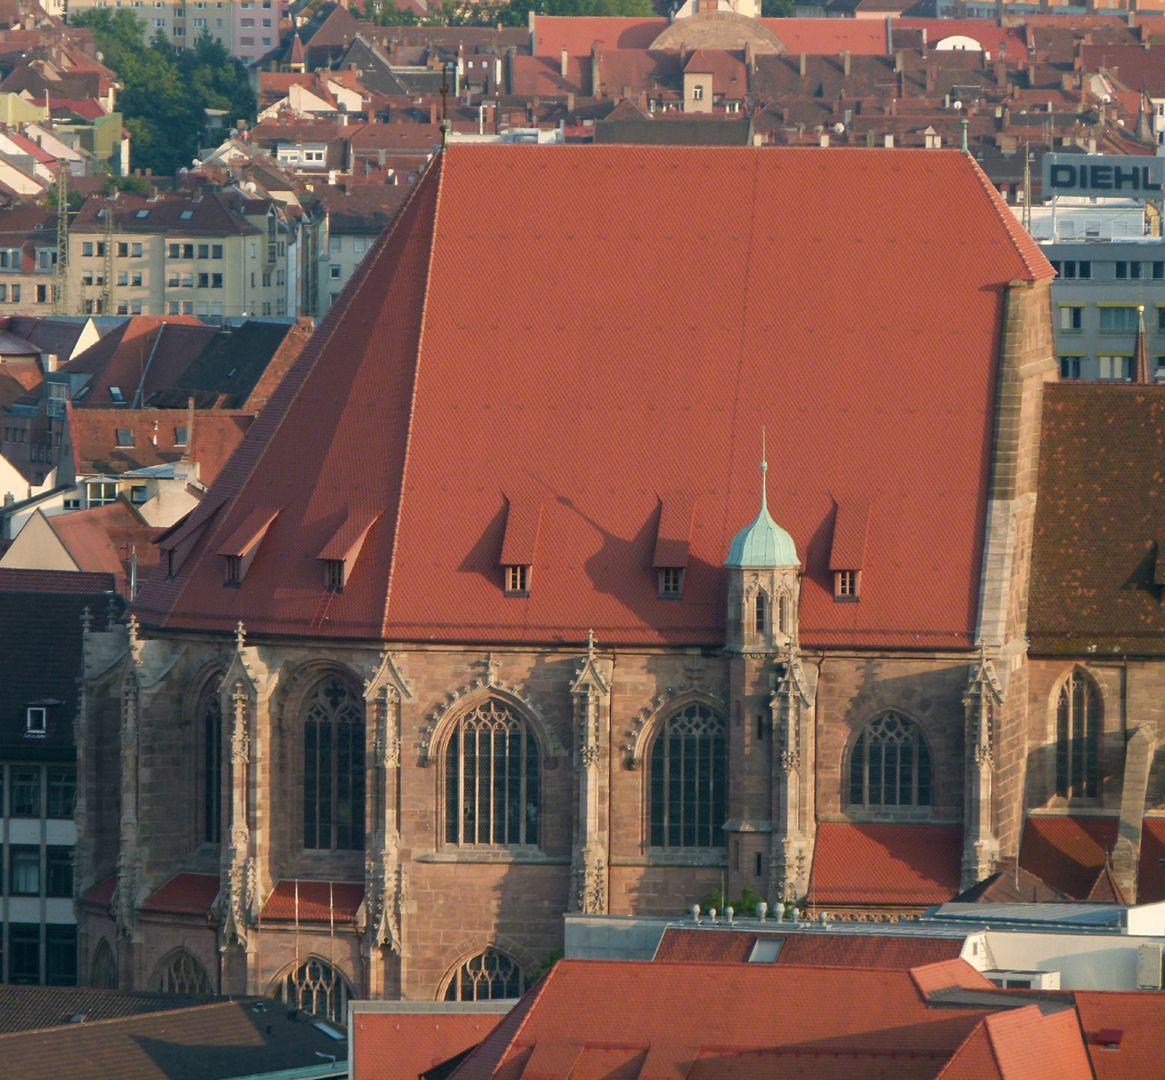 St. Lorenz, Chor Chor von N (mit der 2010 geänderten Dachsituation)